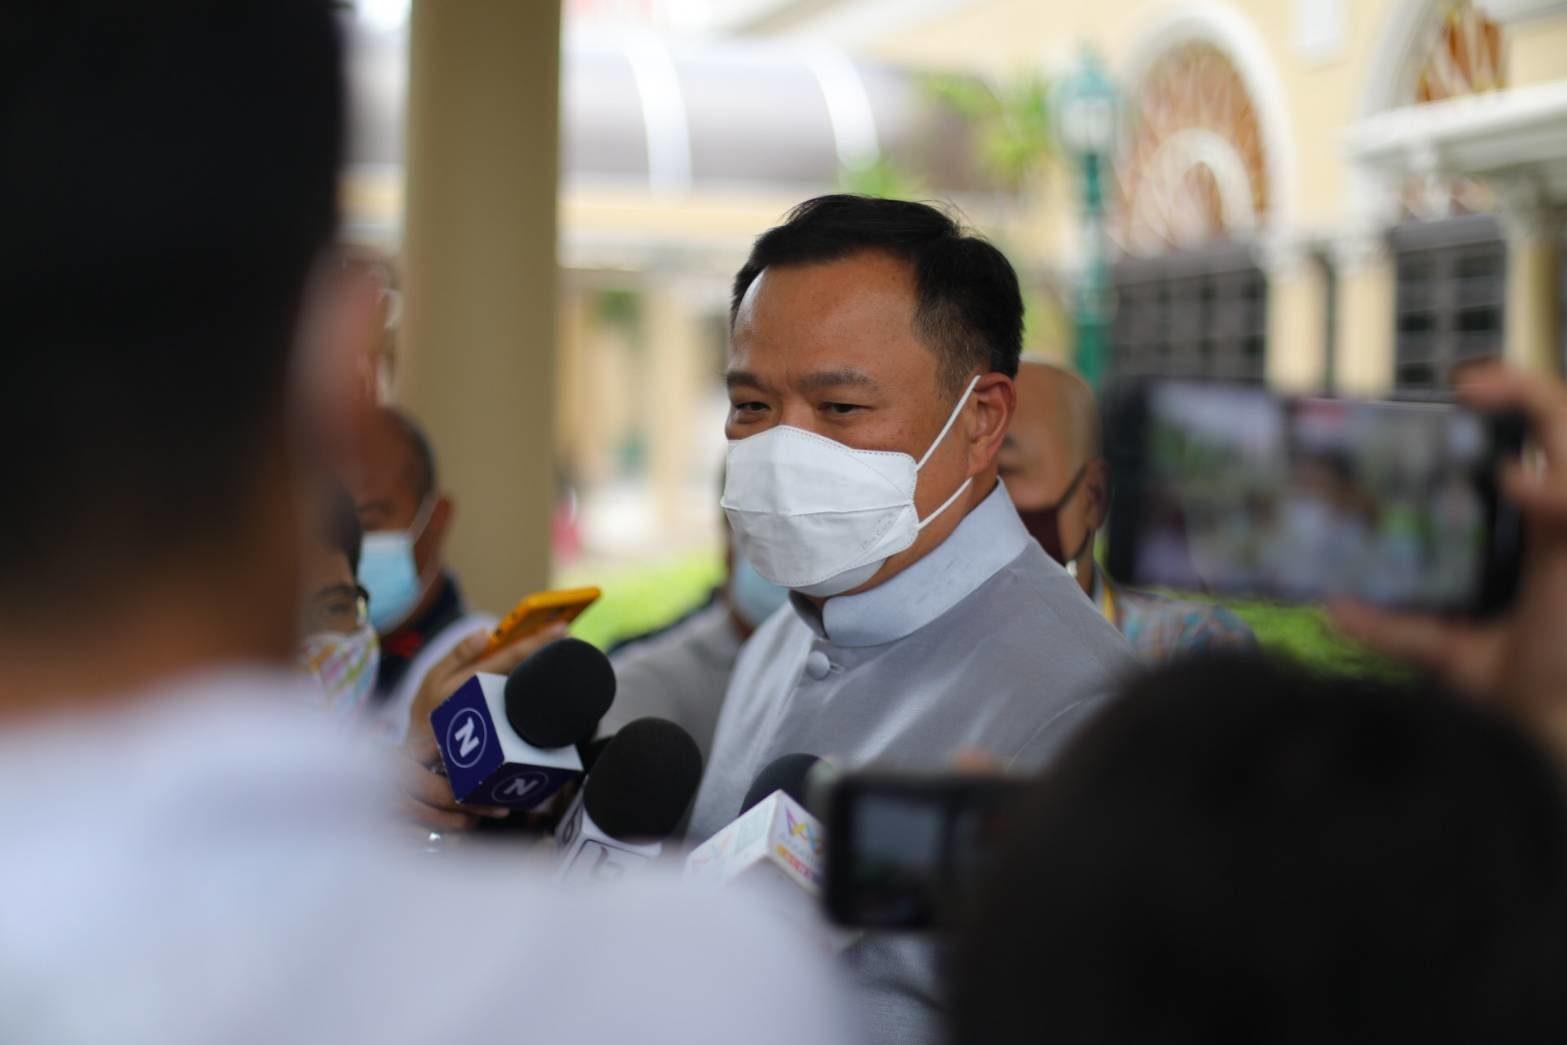 อนุทิน ลั่นไม่ทิ้งสตาร์ทอัพไทยพัฒนาวัคซีนโควิด-19